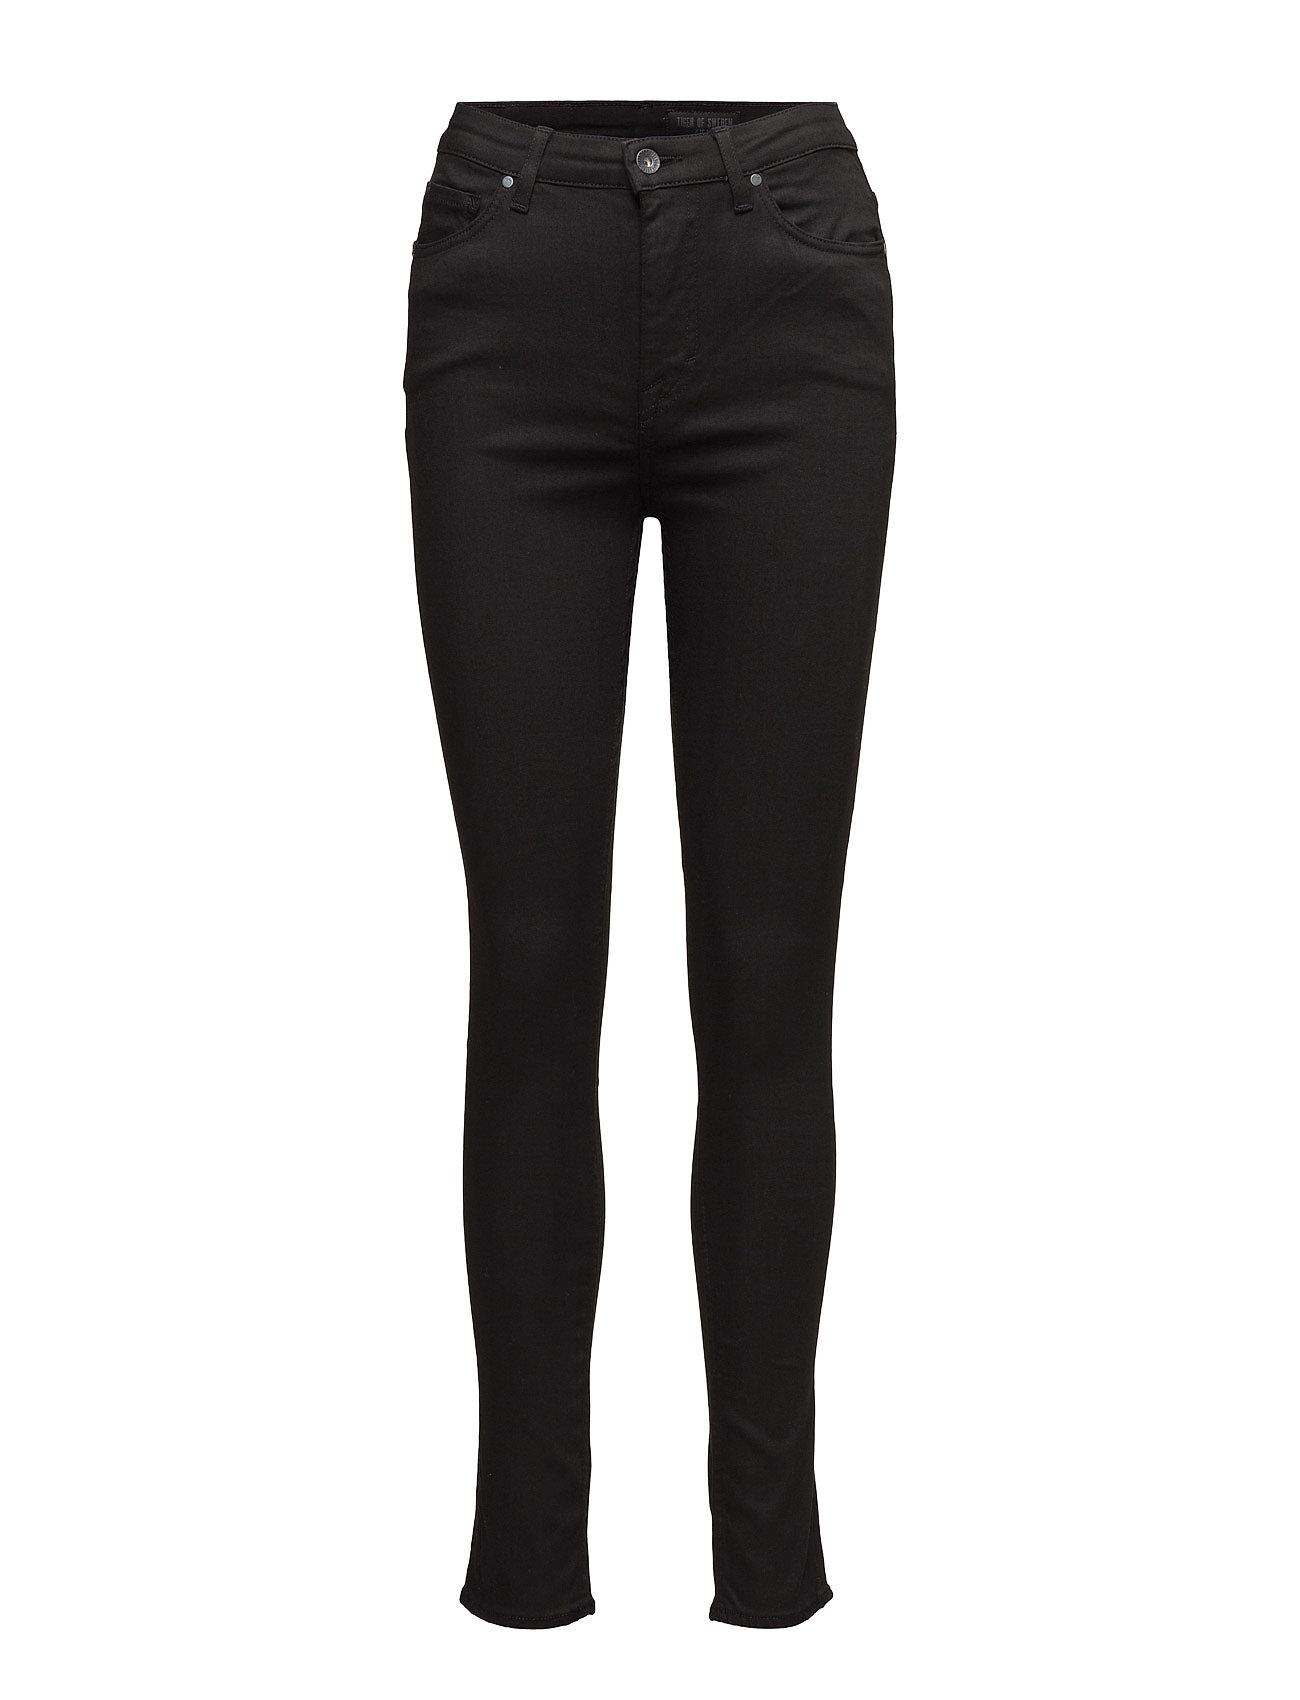 Tiger of Sweden Jeans SANDIE - BLACK